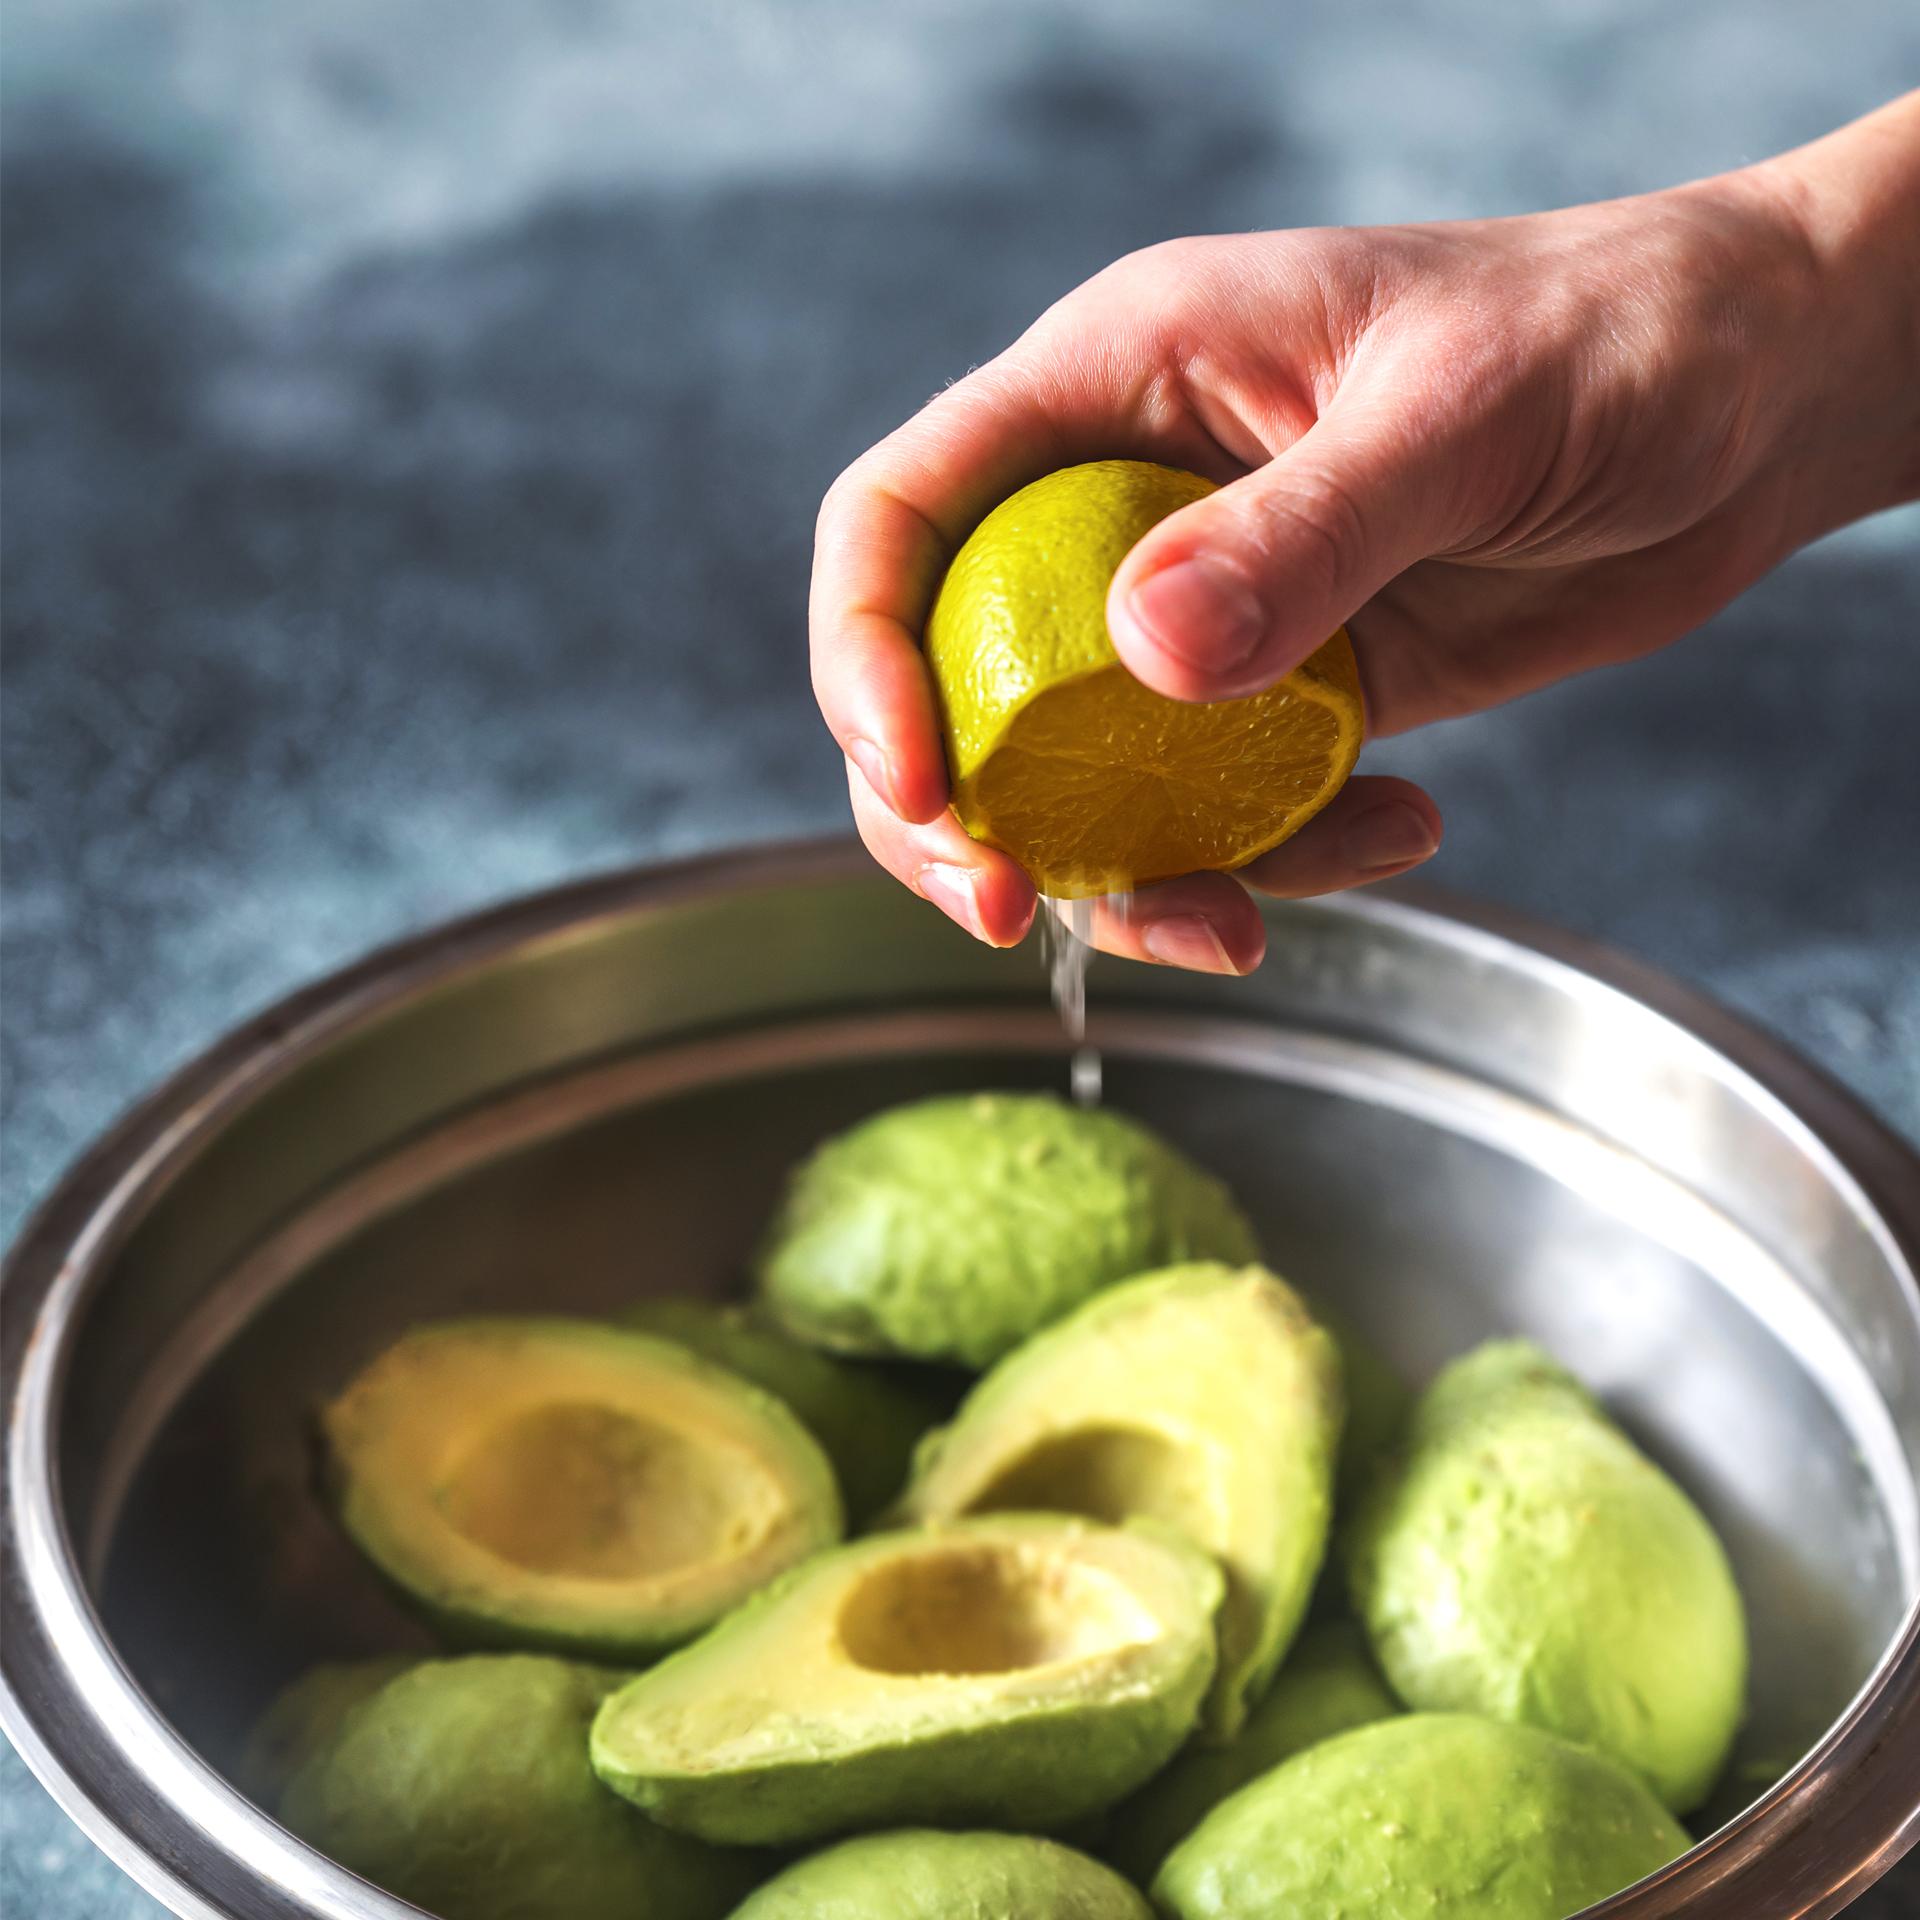 오래두고 먹는 아보카도 보관법